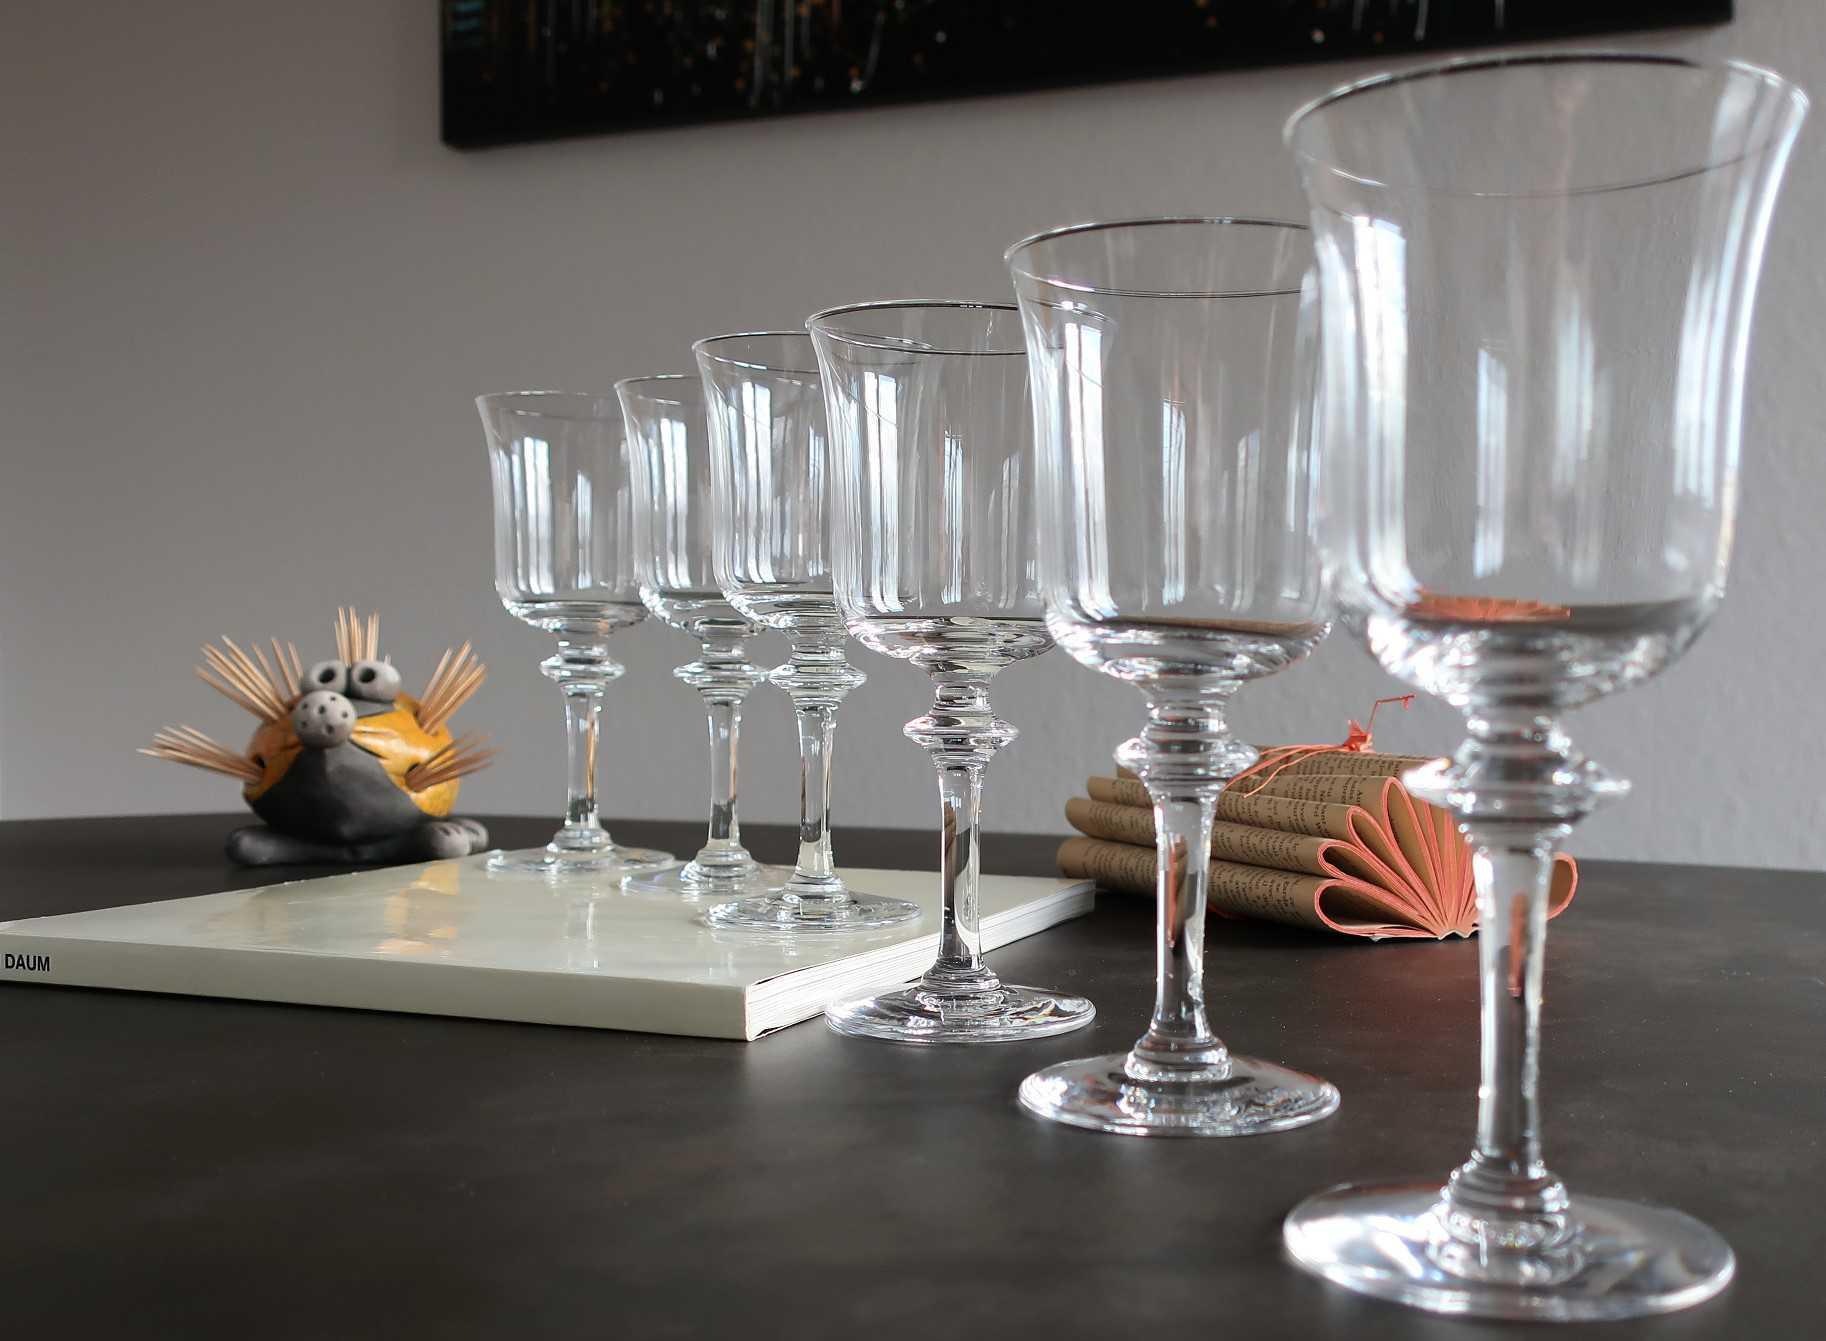 Verres Saumur, cristal Daum